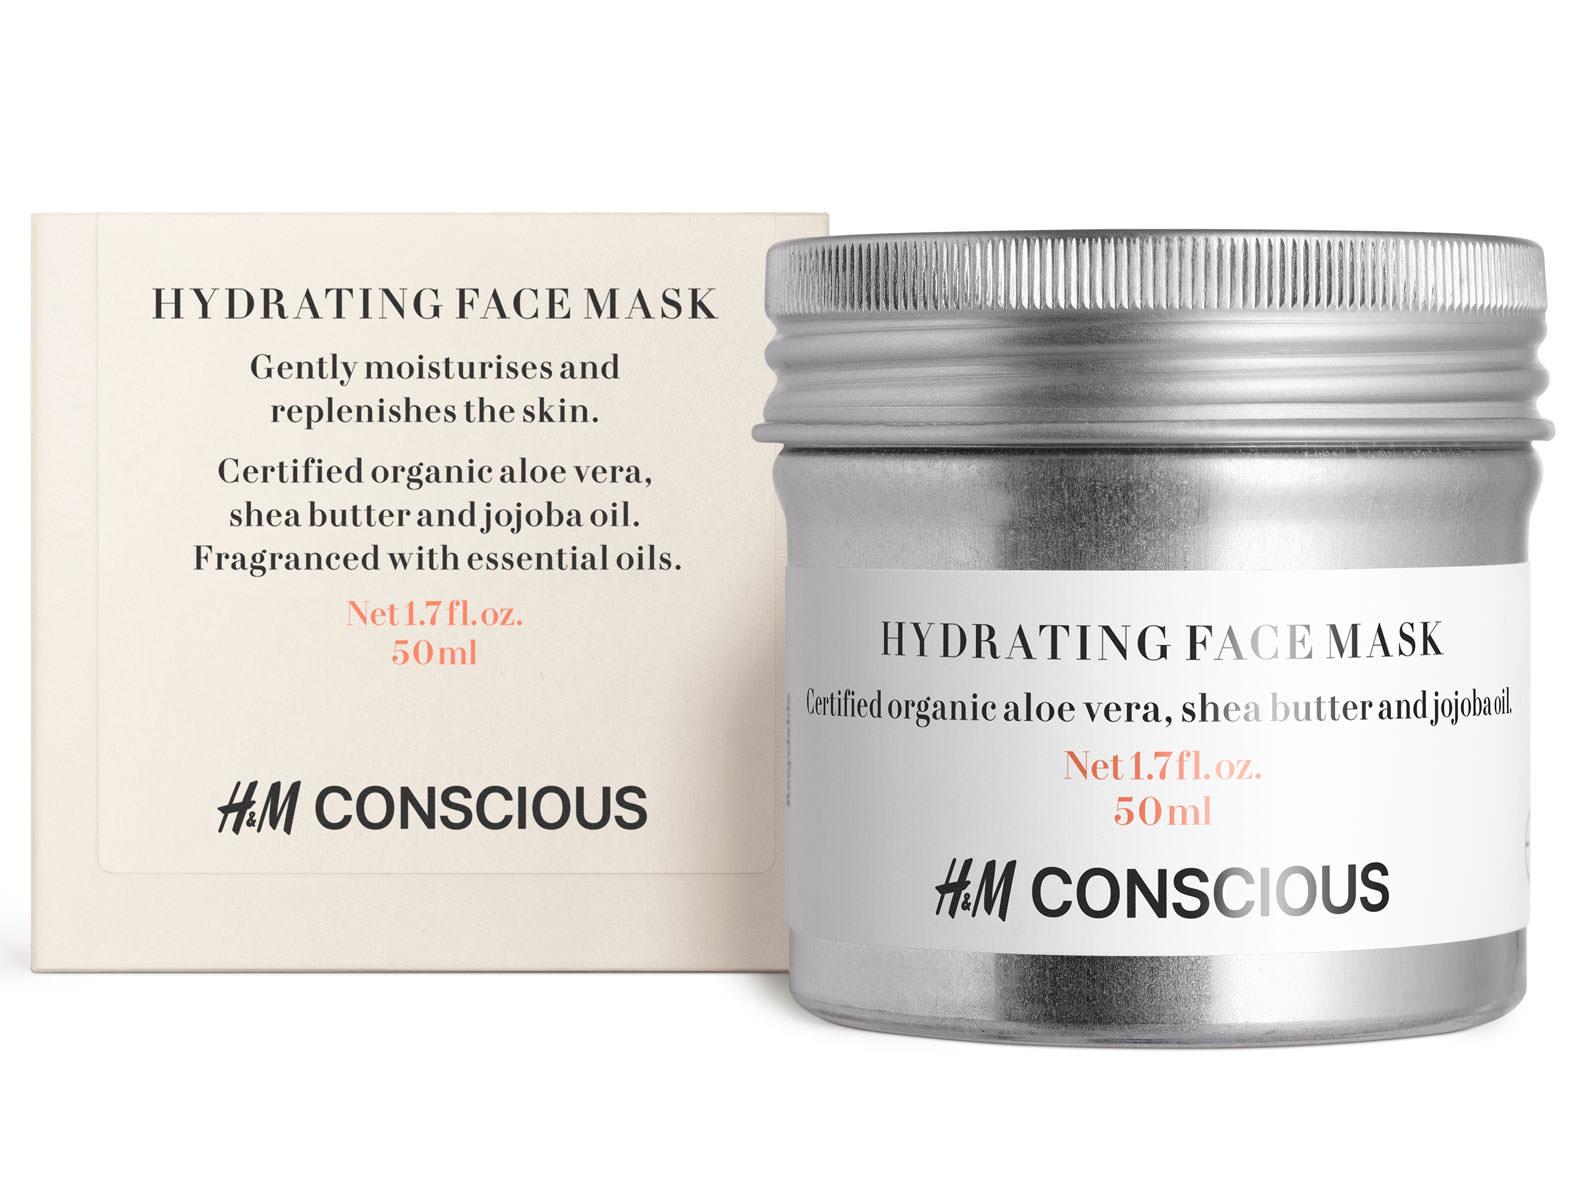 H&M Conscious Beauty